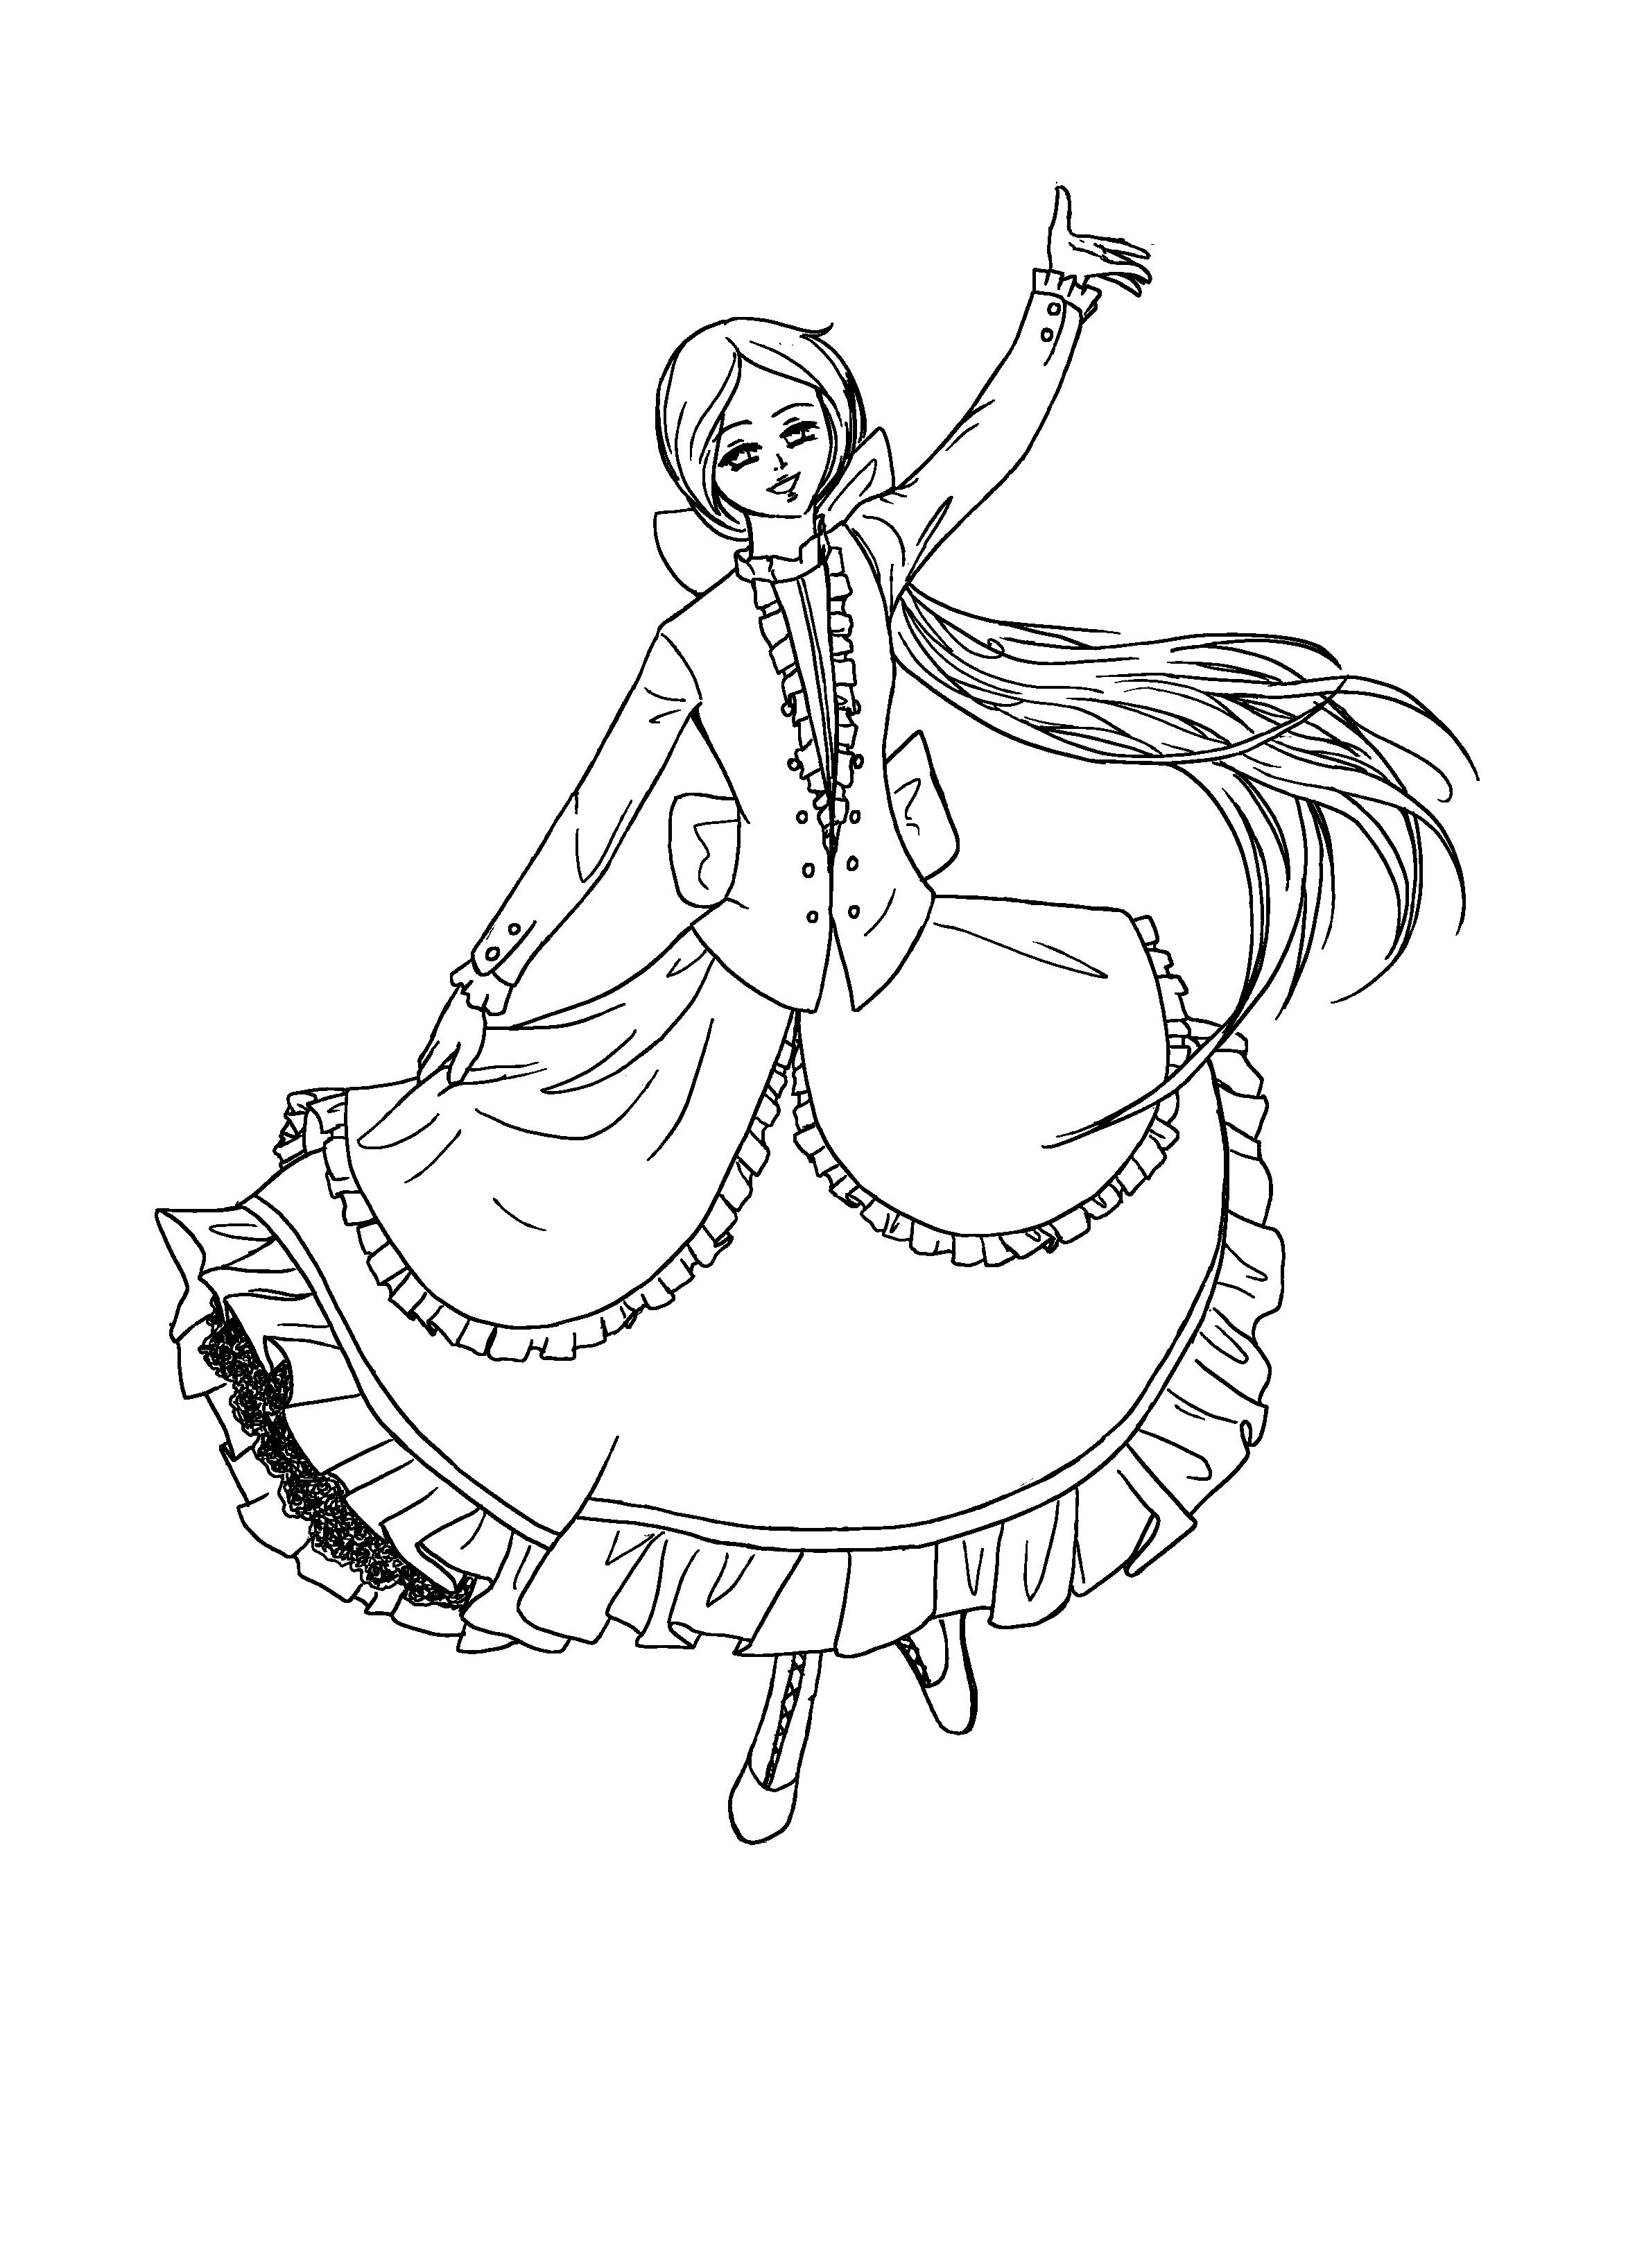 Line Art Transparent Background : Twirl lines transparent png by erulisse on deviantart